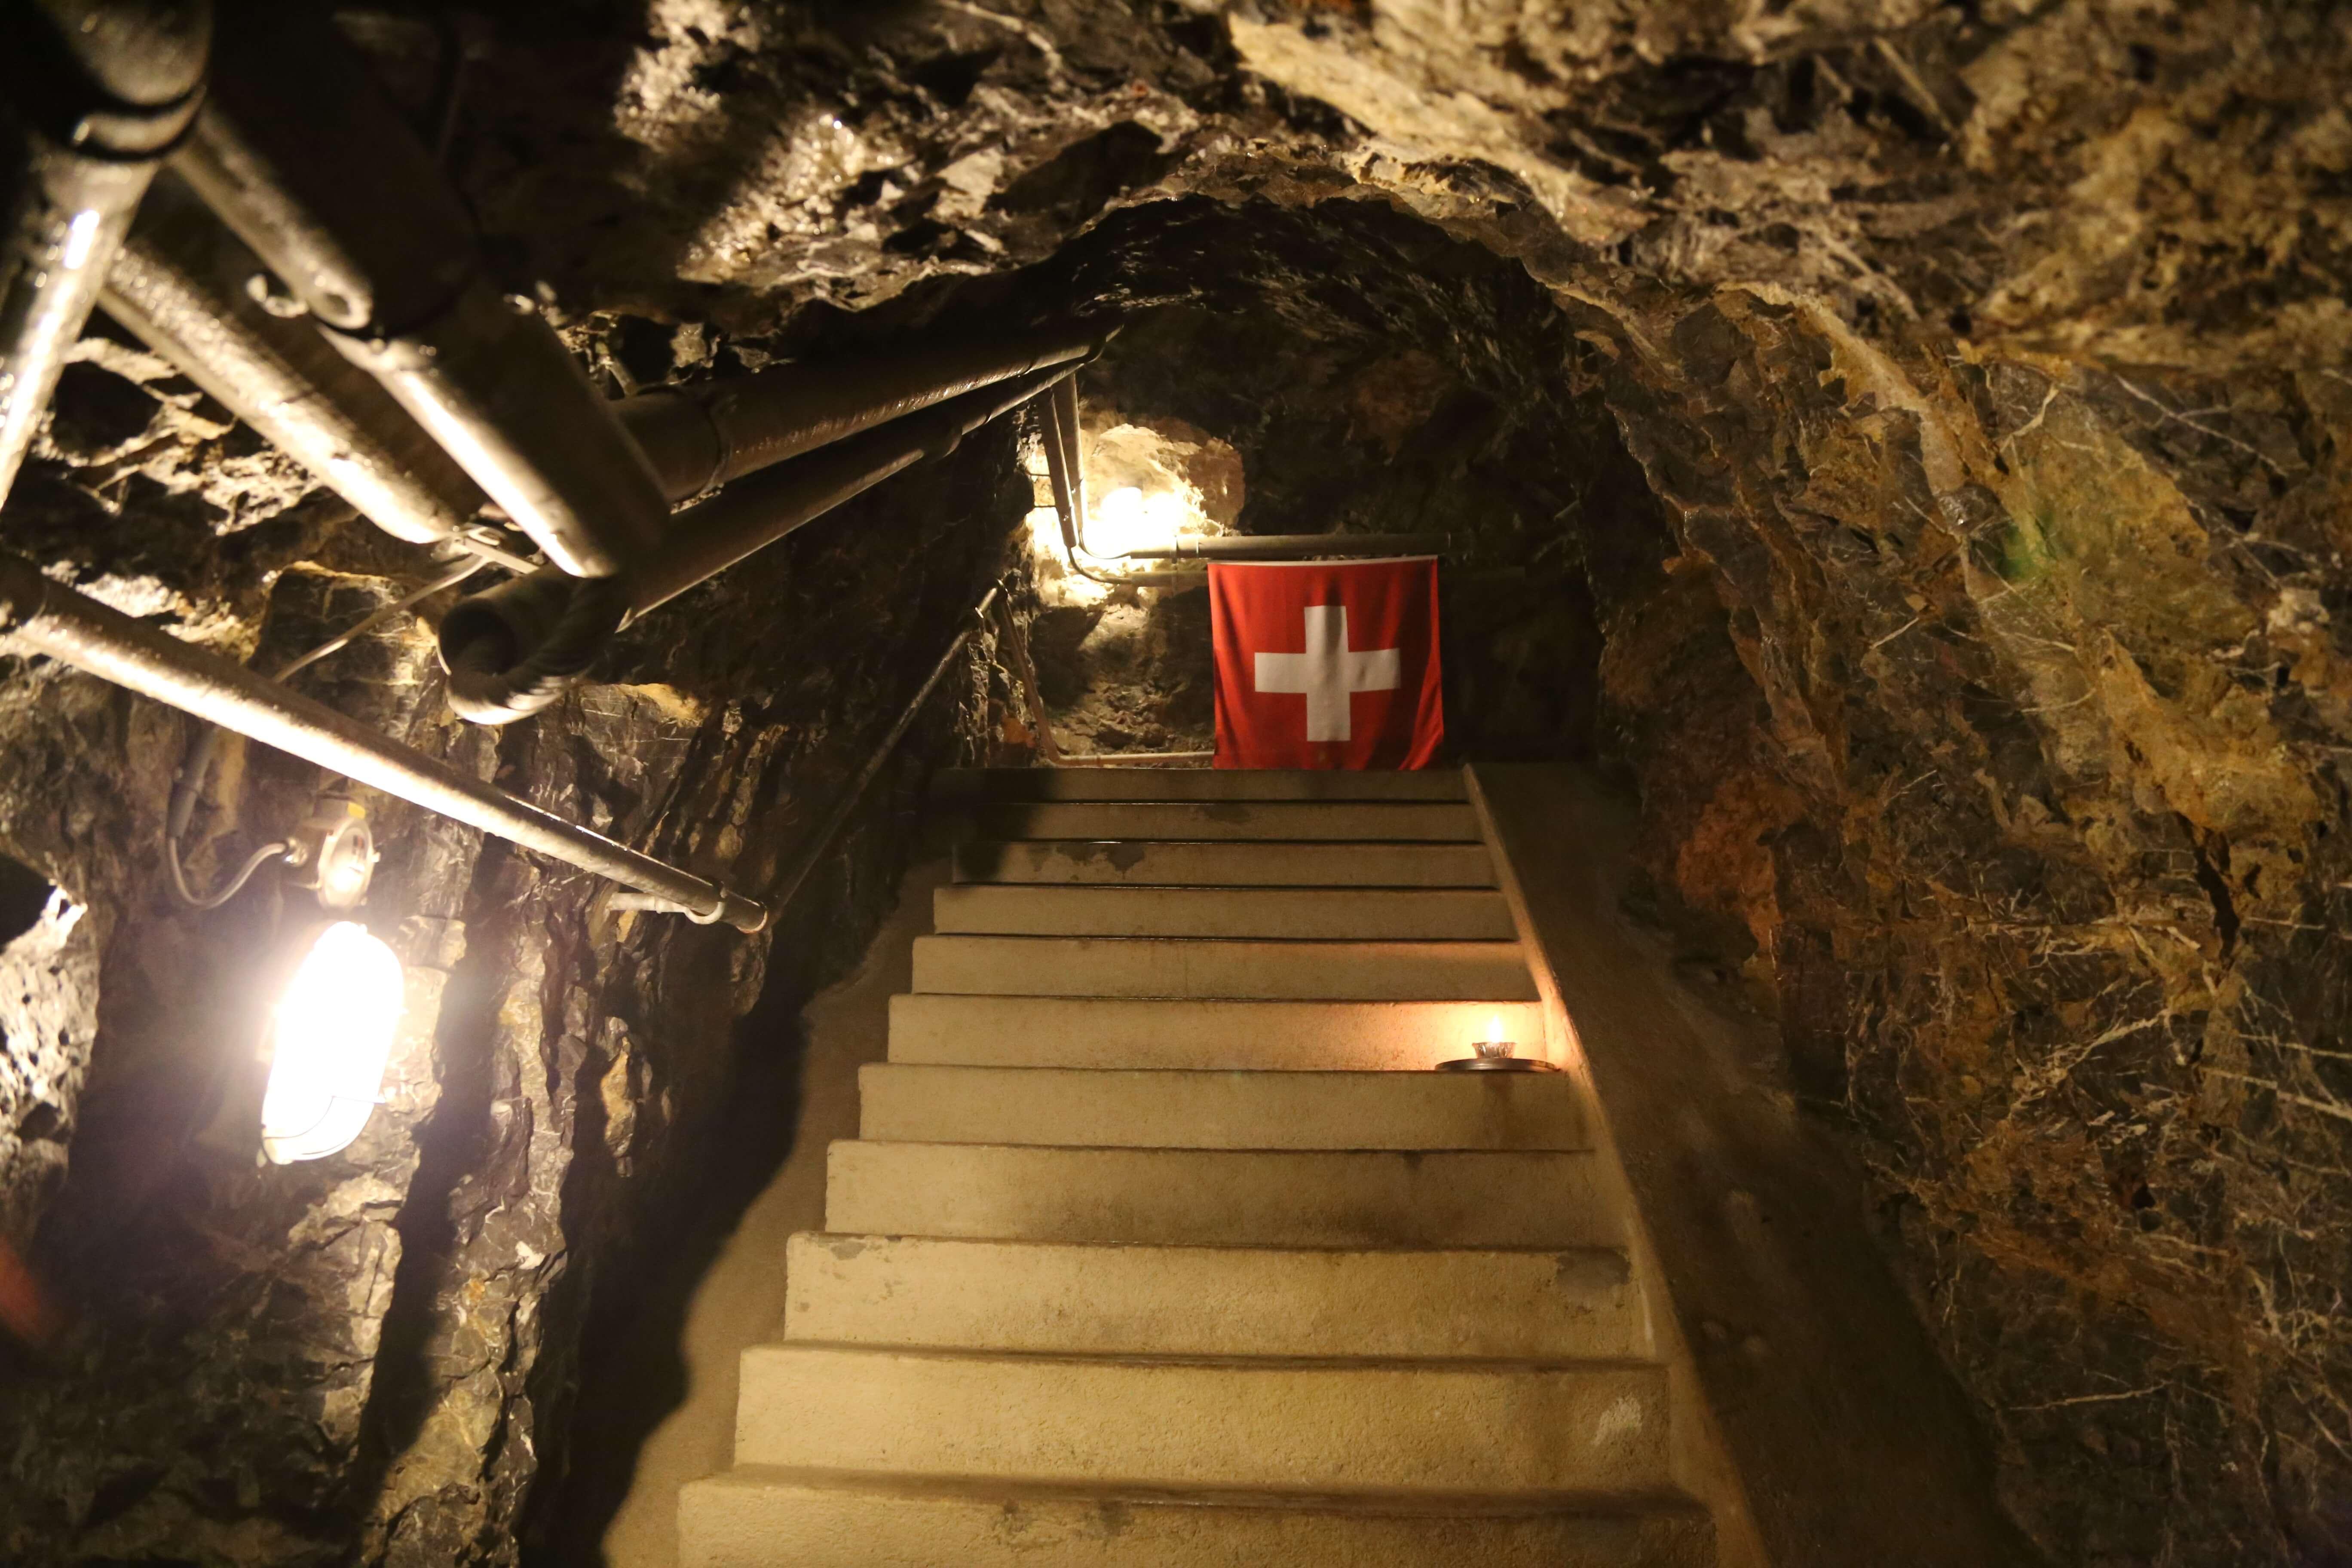 kp-heinrich-treppe-mit-flagge-hondrich.JPG